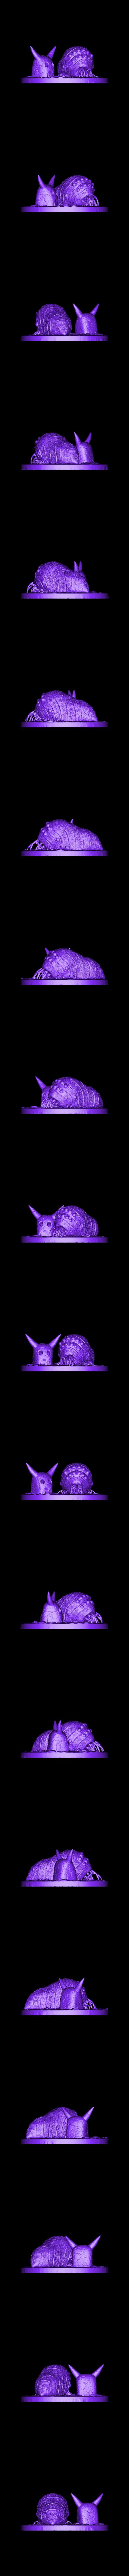 Ohmu_scene.stl Download free STL file Ohmu Scene and Lone 3D Print Concept • 3D print model, CarlCreates